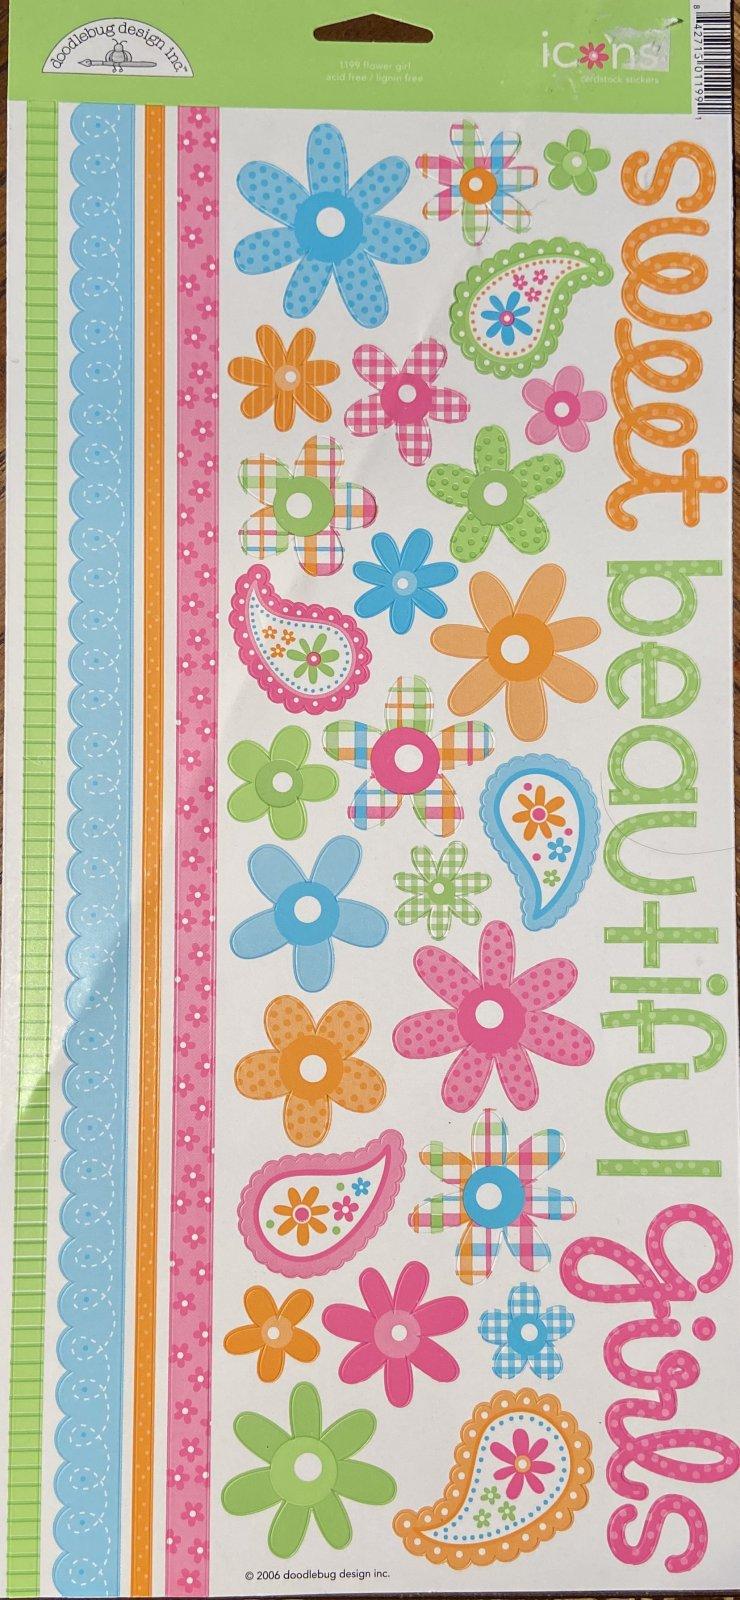 Doodlebug Designs Cardstock Stickers - Flower Girl